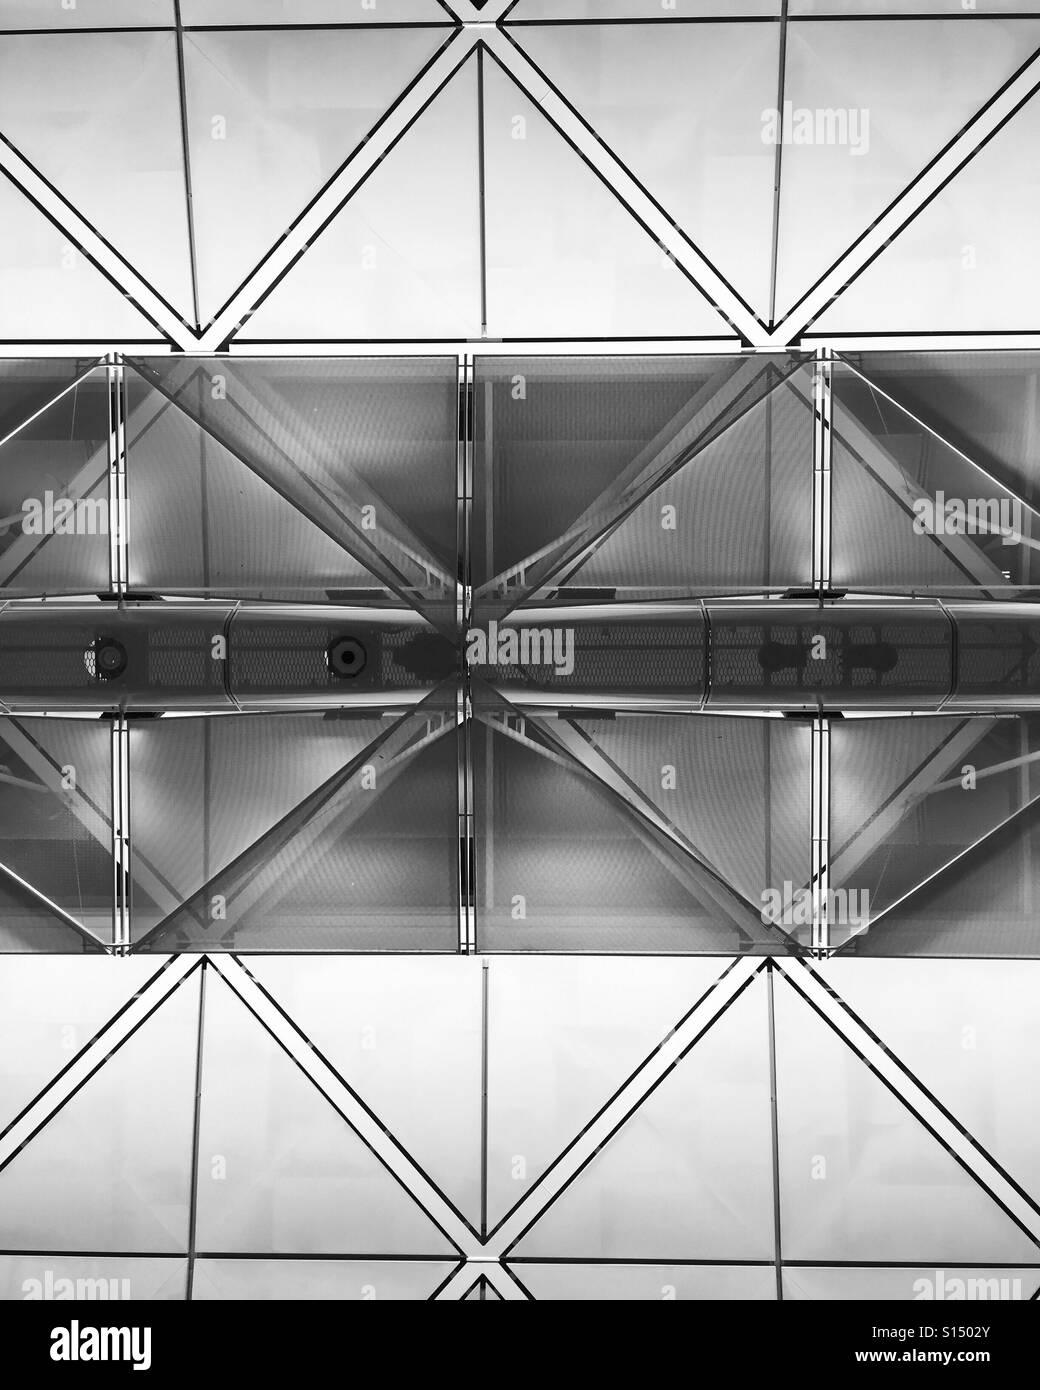 Hongkong airport. - Stock Image